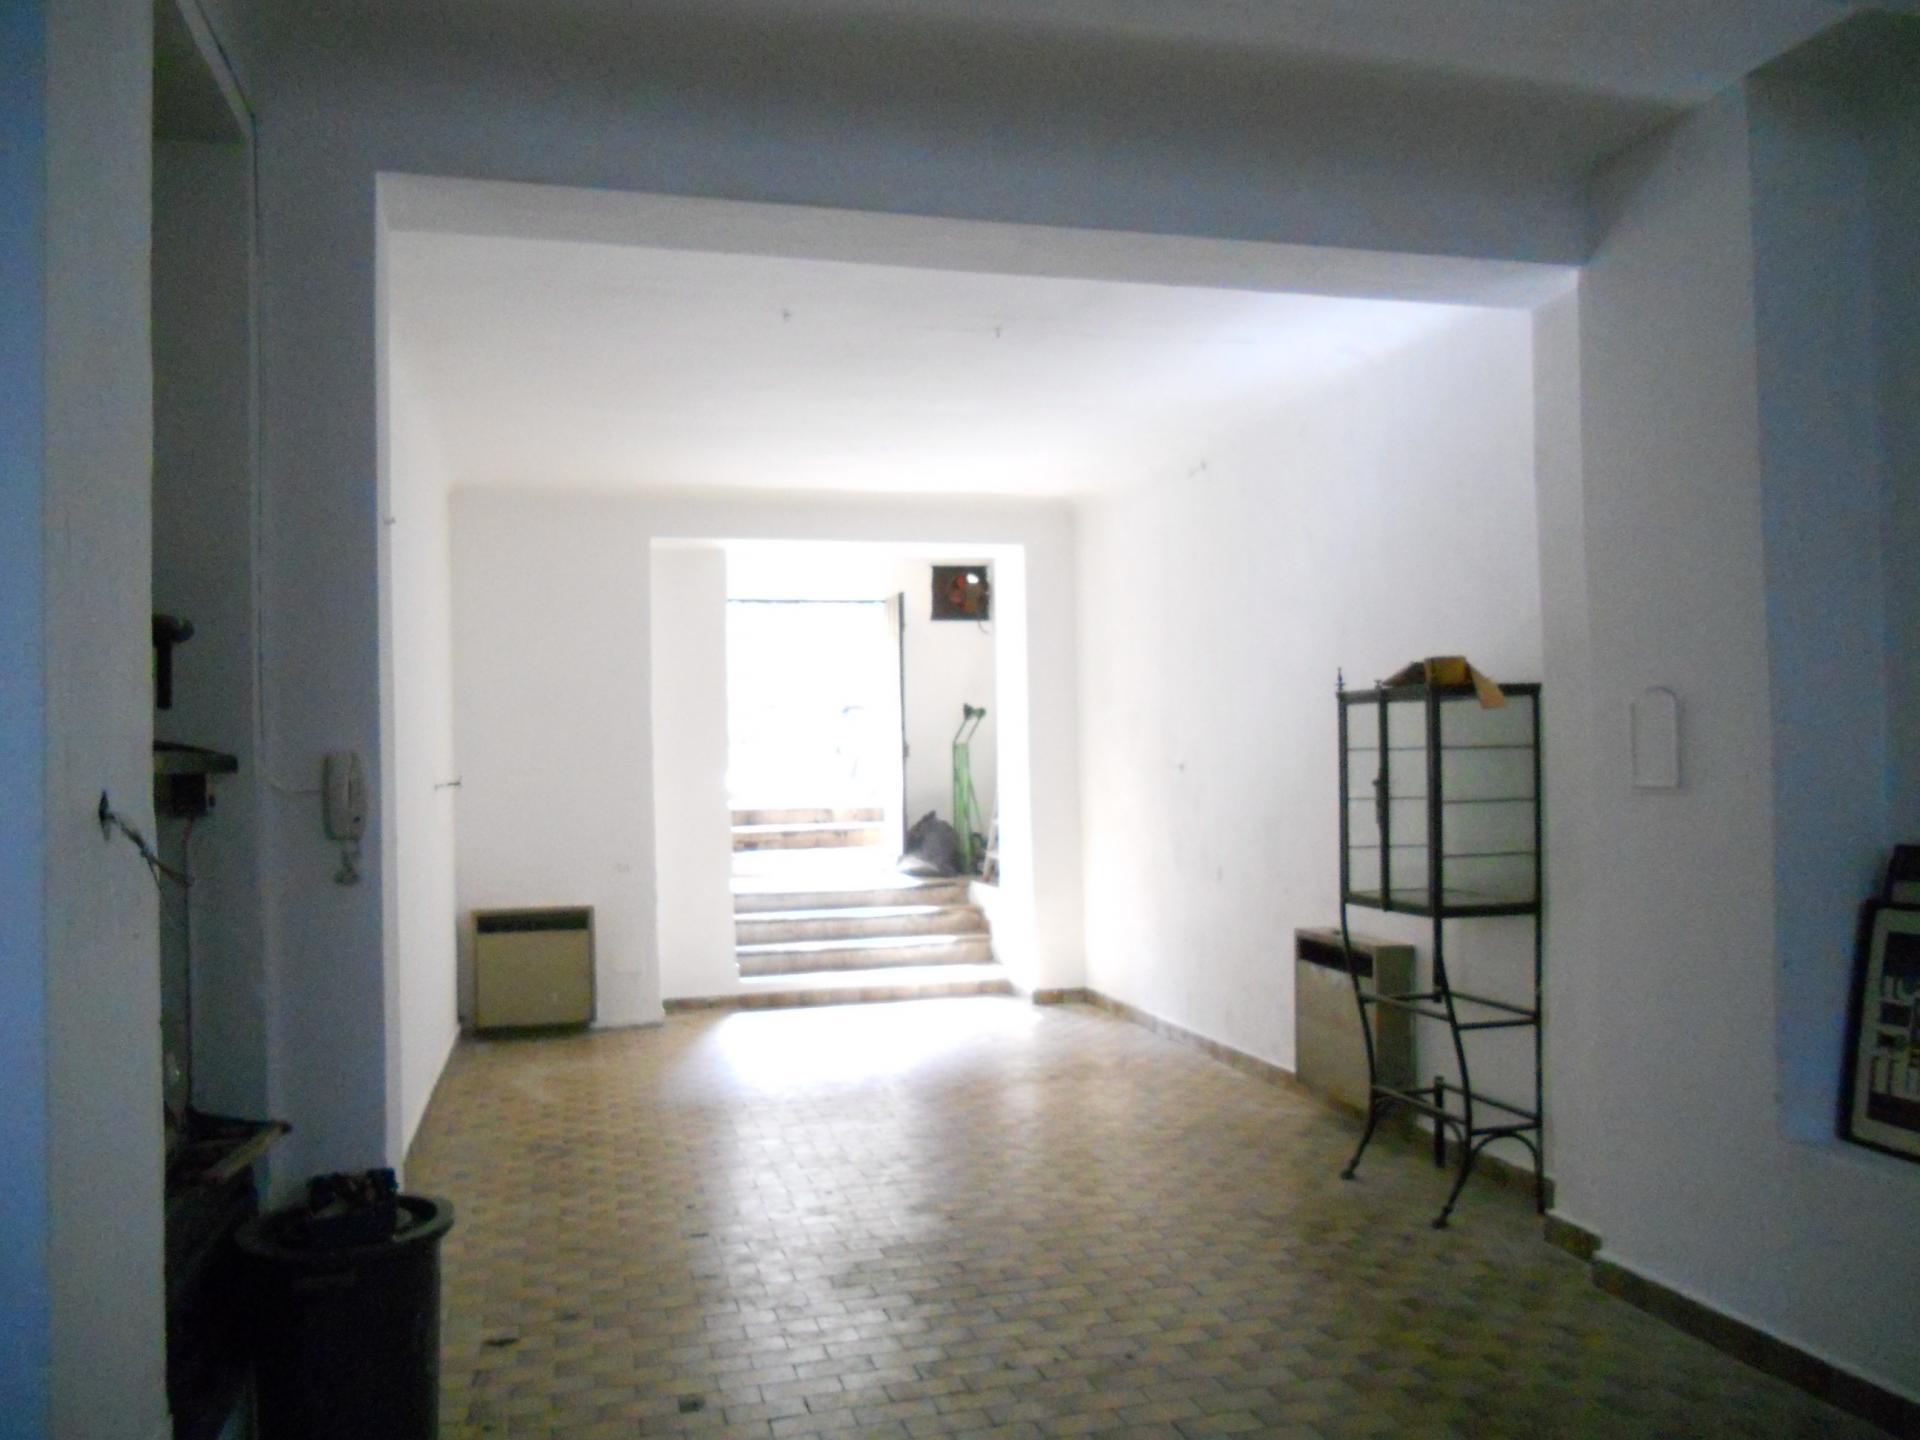 Laboratorio in vendita a Milano, 9999 locali, zona Località: CittàStudi, prezzo € 138.000 | Cambio Casa.it